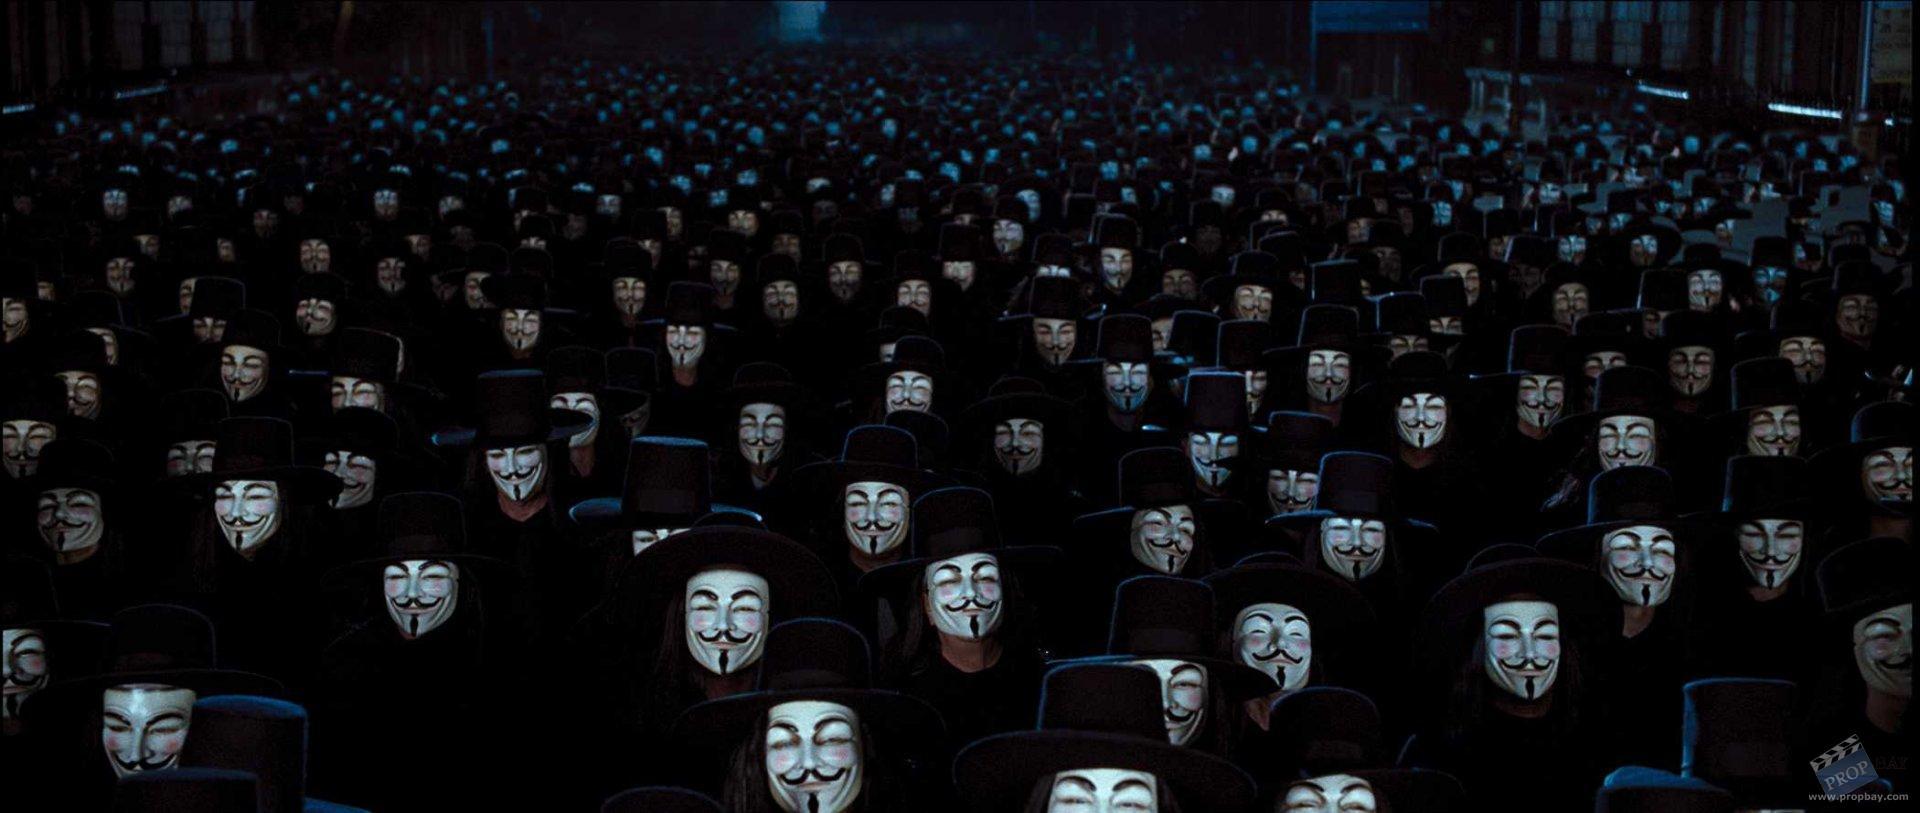 V For Vendetta Mask Wallpaper Army V For Vendetta Mask - ...